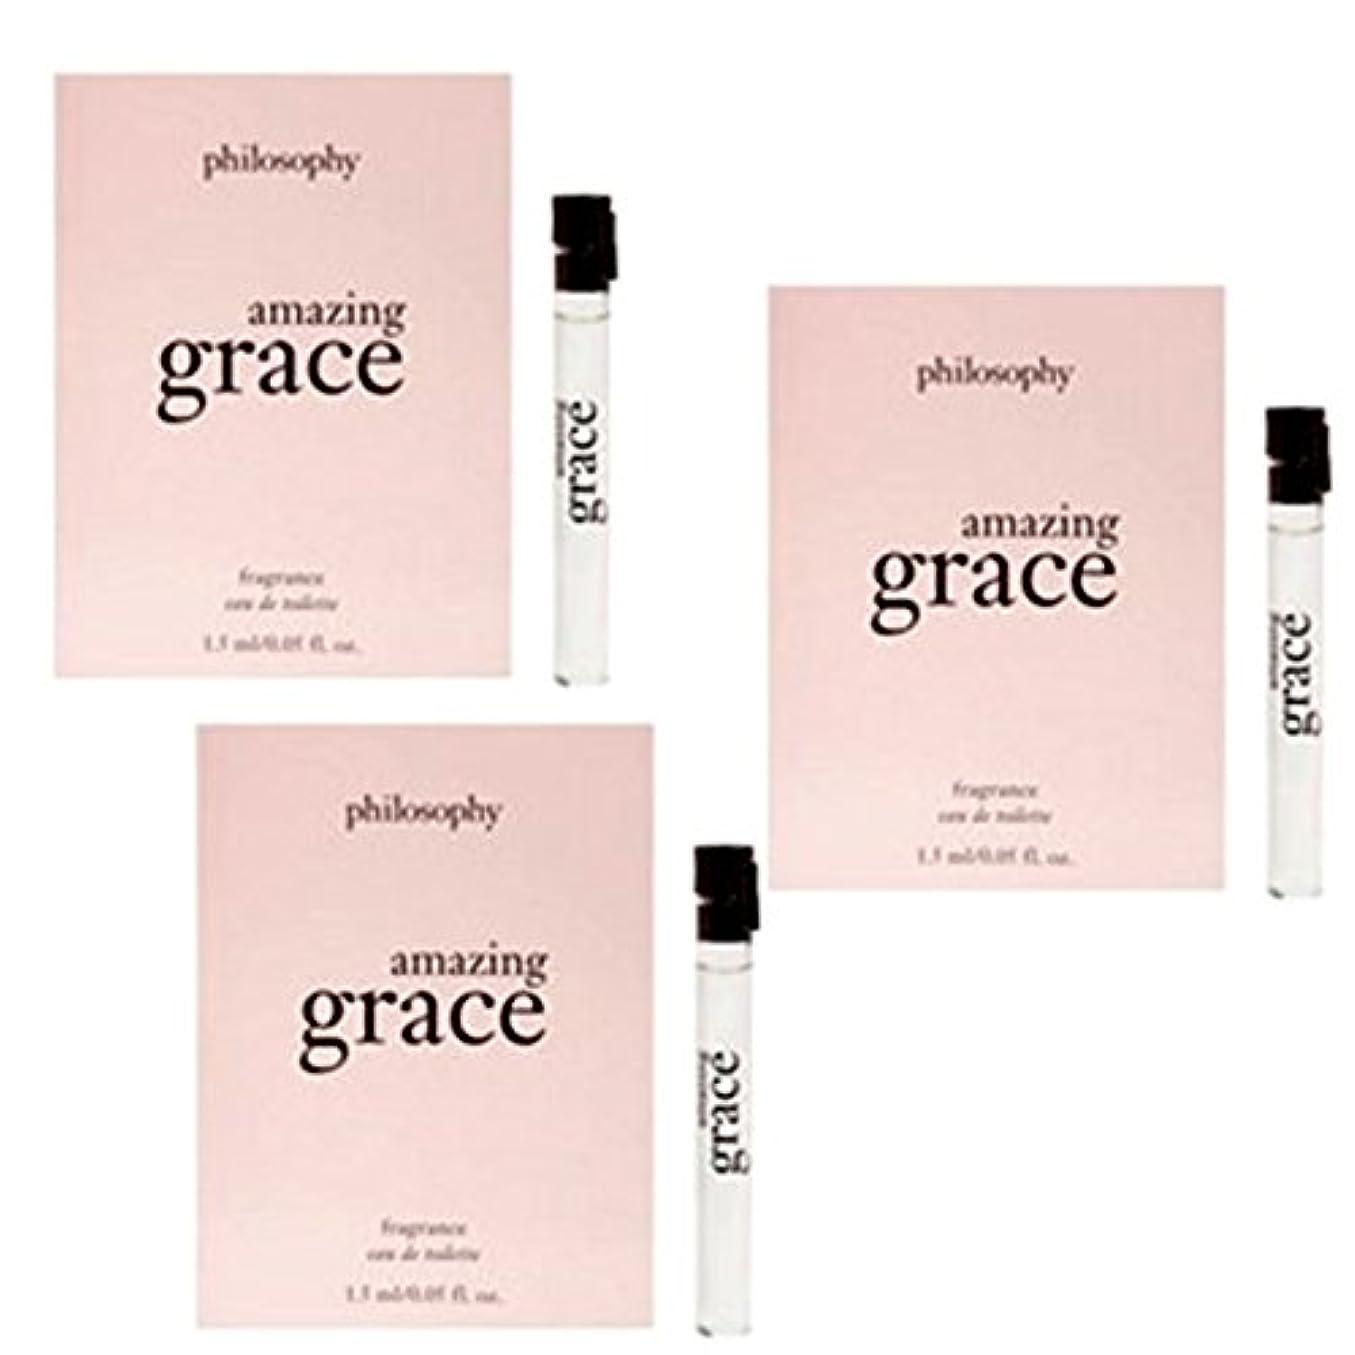 たっぷり威するシプリーphilosophy (フィロソフィー), Amazing Grace Eau de Toilette Travel Size, 1.5ml 3/set [海外直送品] [並行輸入品]